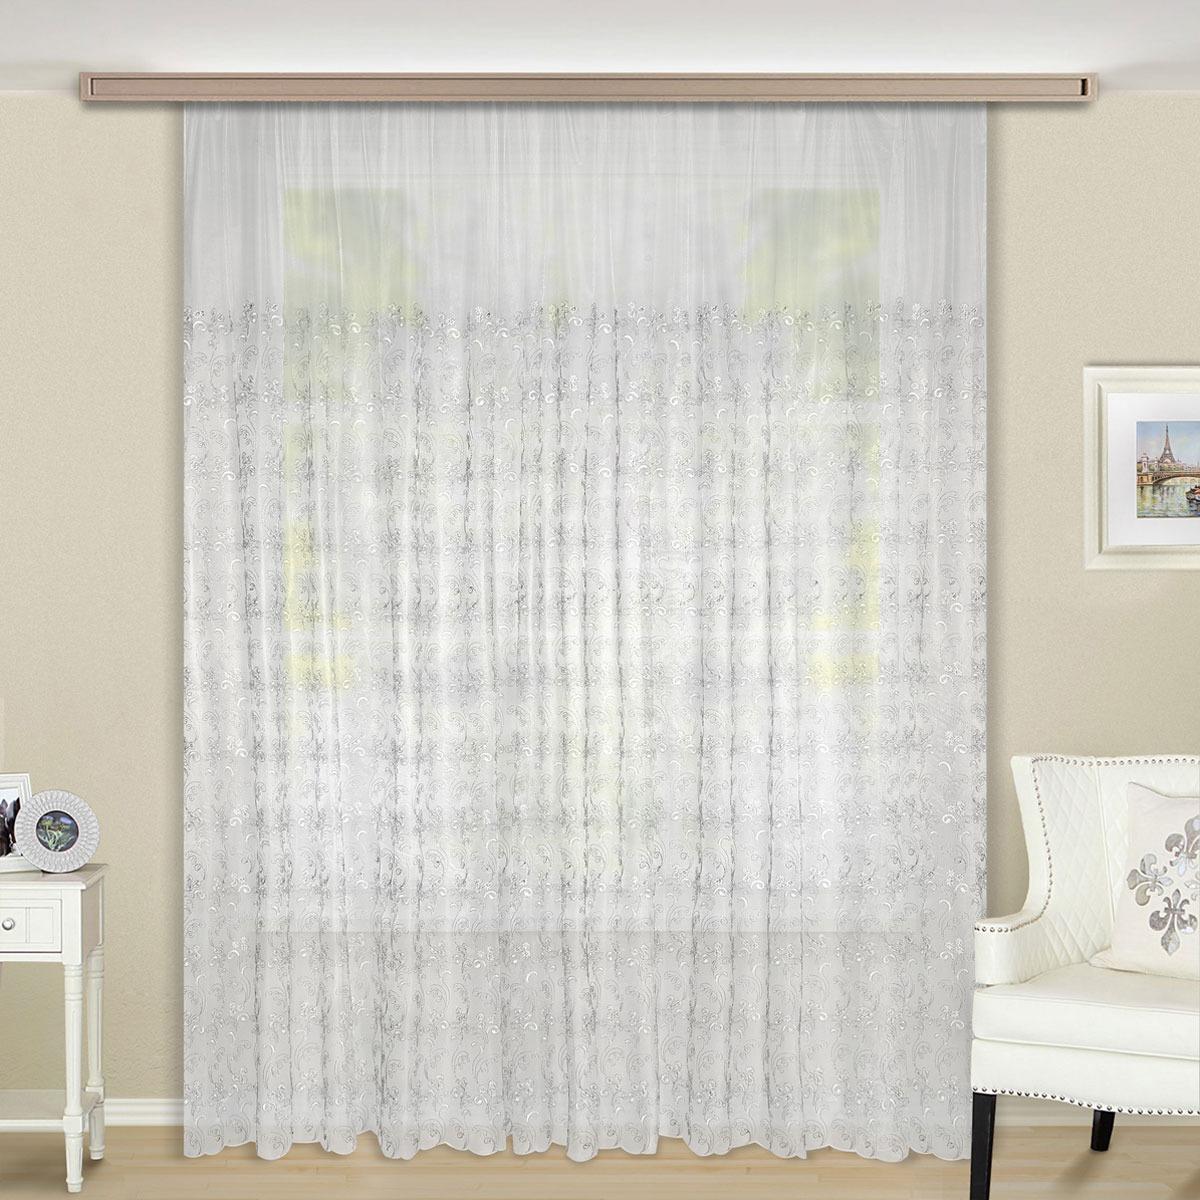 Тюль ТД Текстиль Венсен, на ленте, цвет: серебристый, 270 х 400 см цена